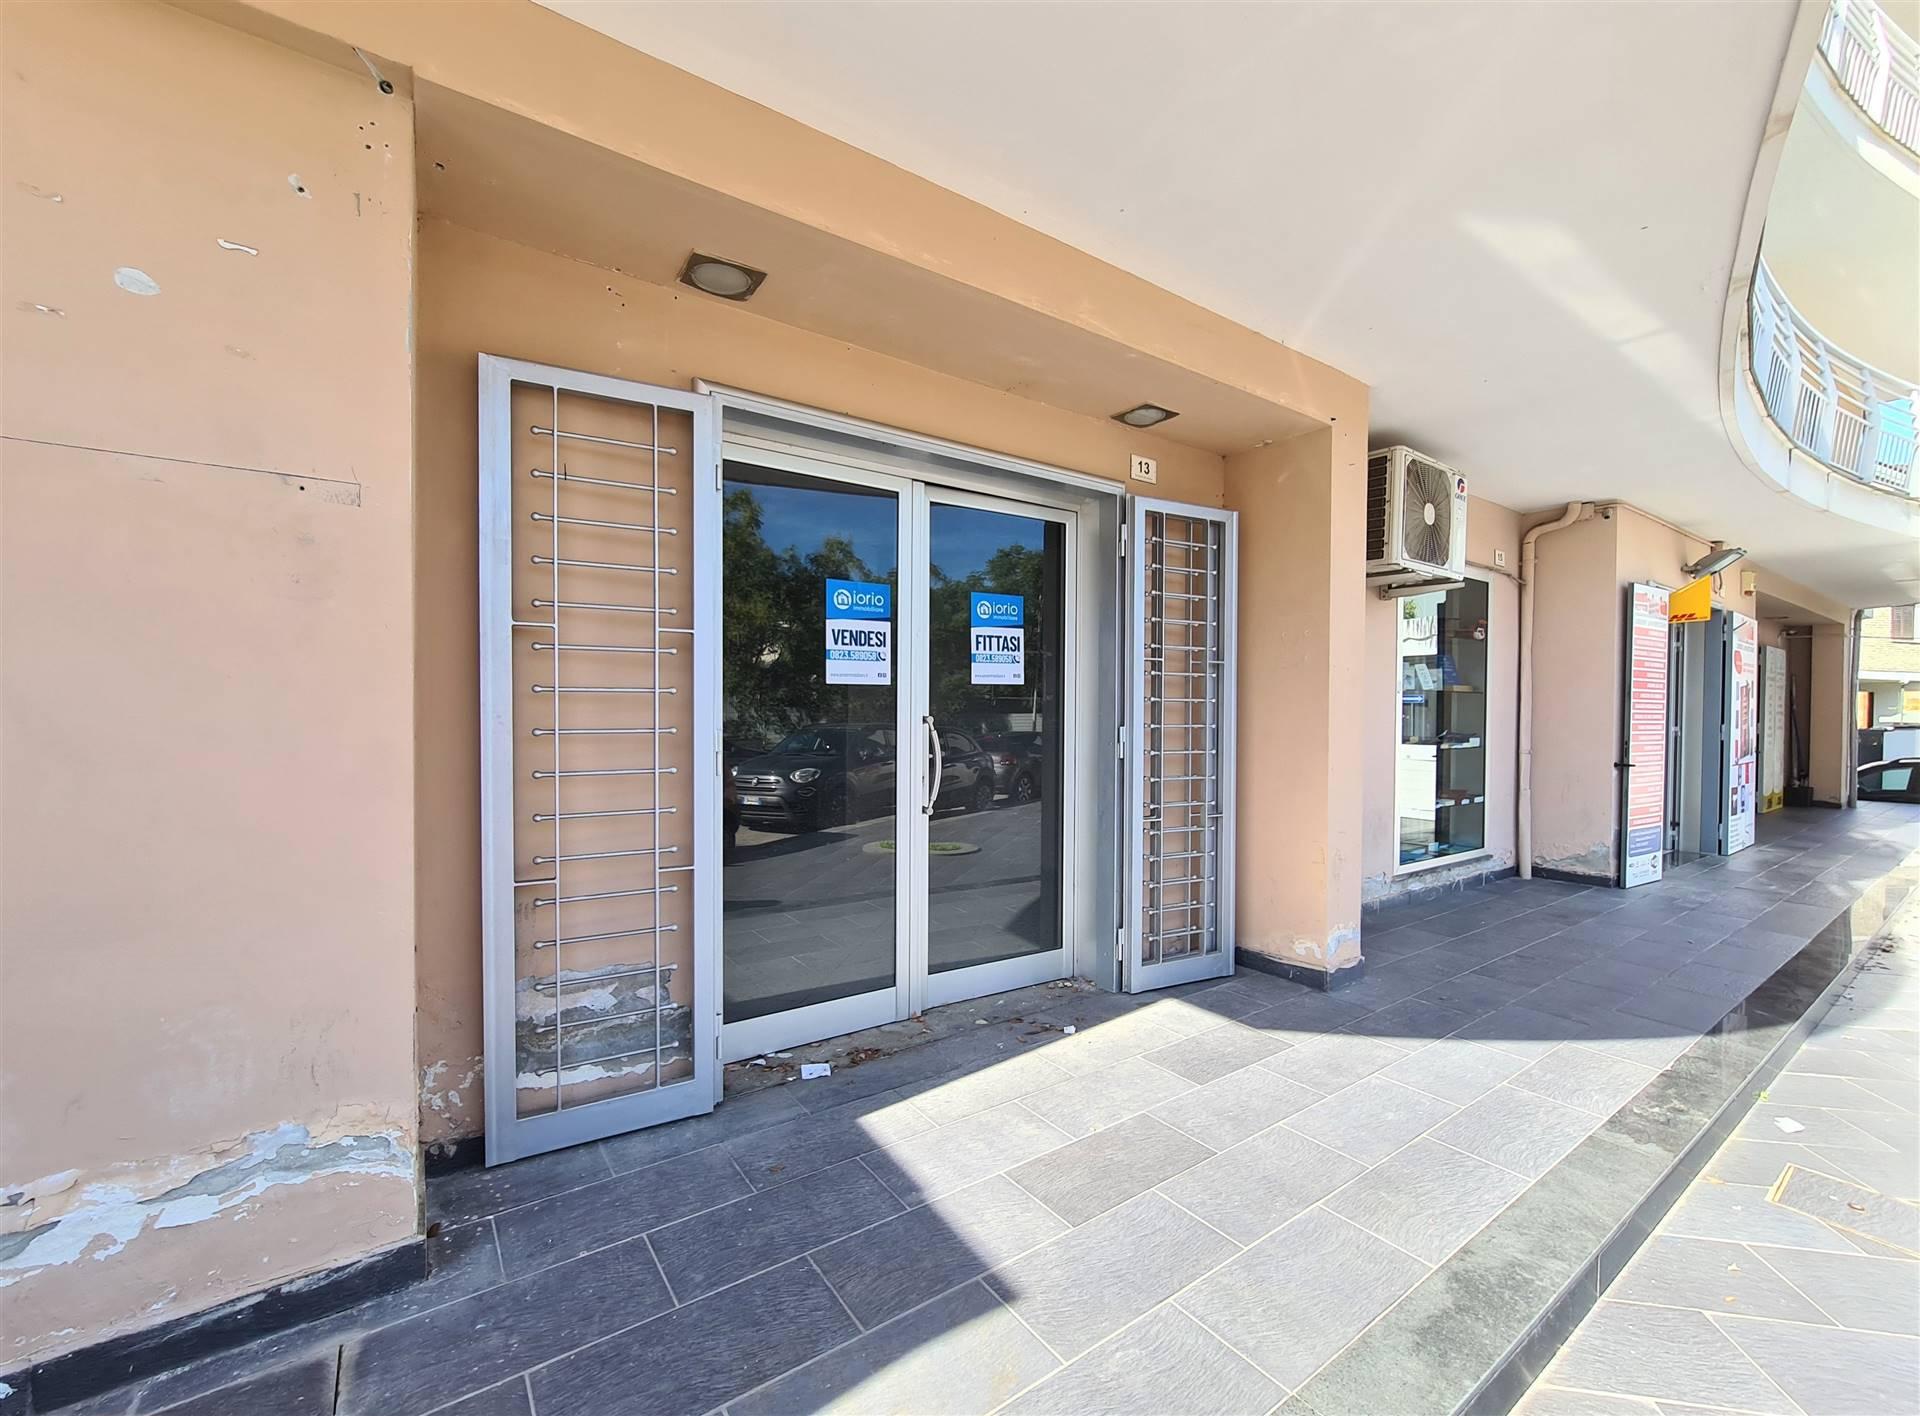 LV053-Locale Commerciale-SANTA-MARIA-CAPUA-VETERE-Via-Martiri-del-Dissenso